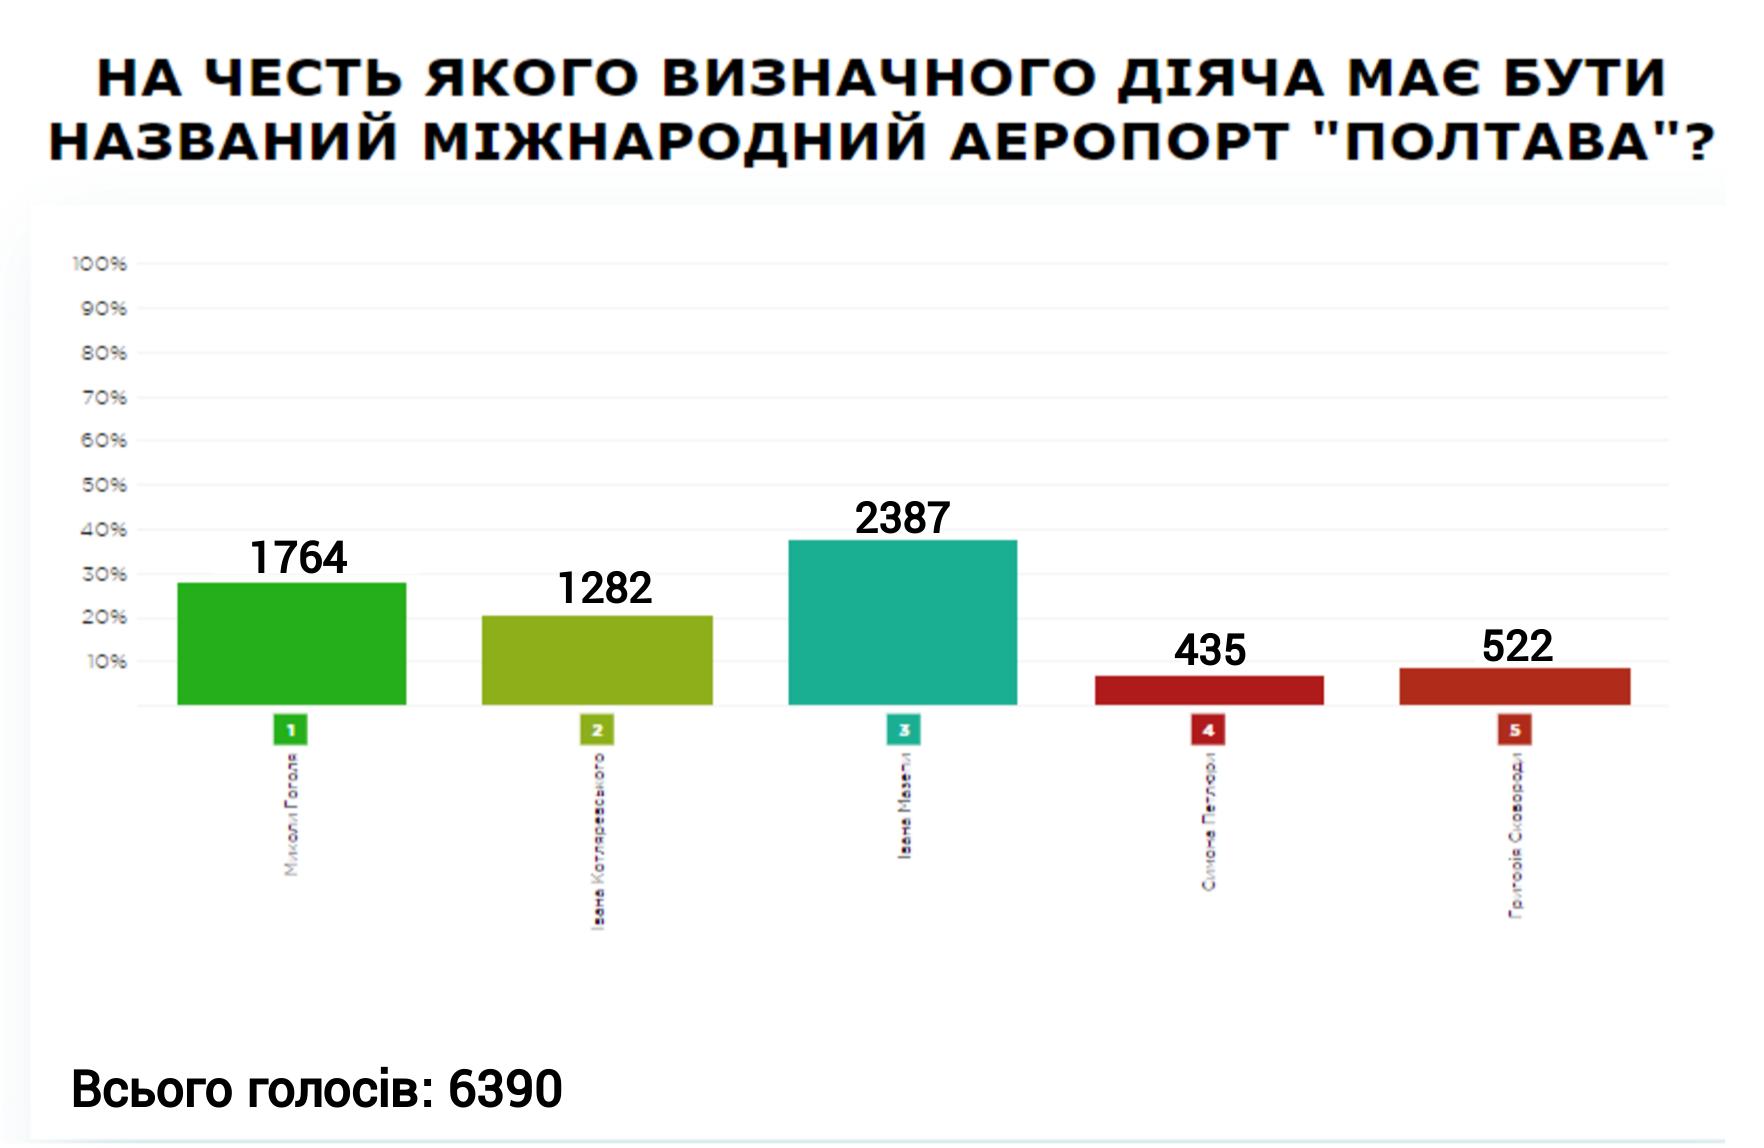 Resultat Poltava